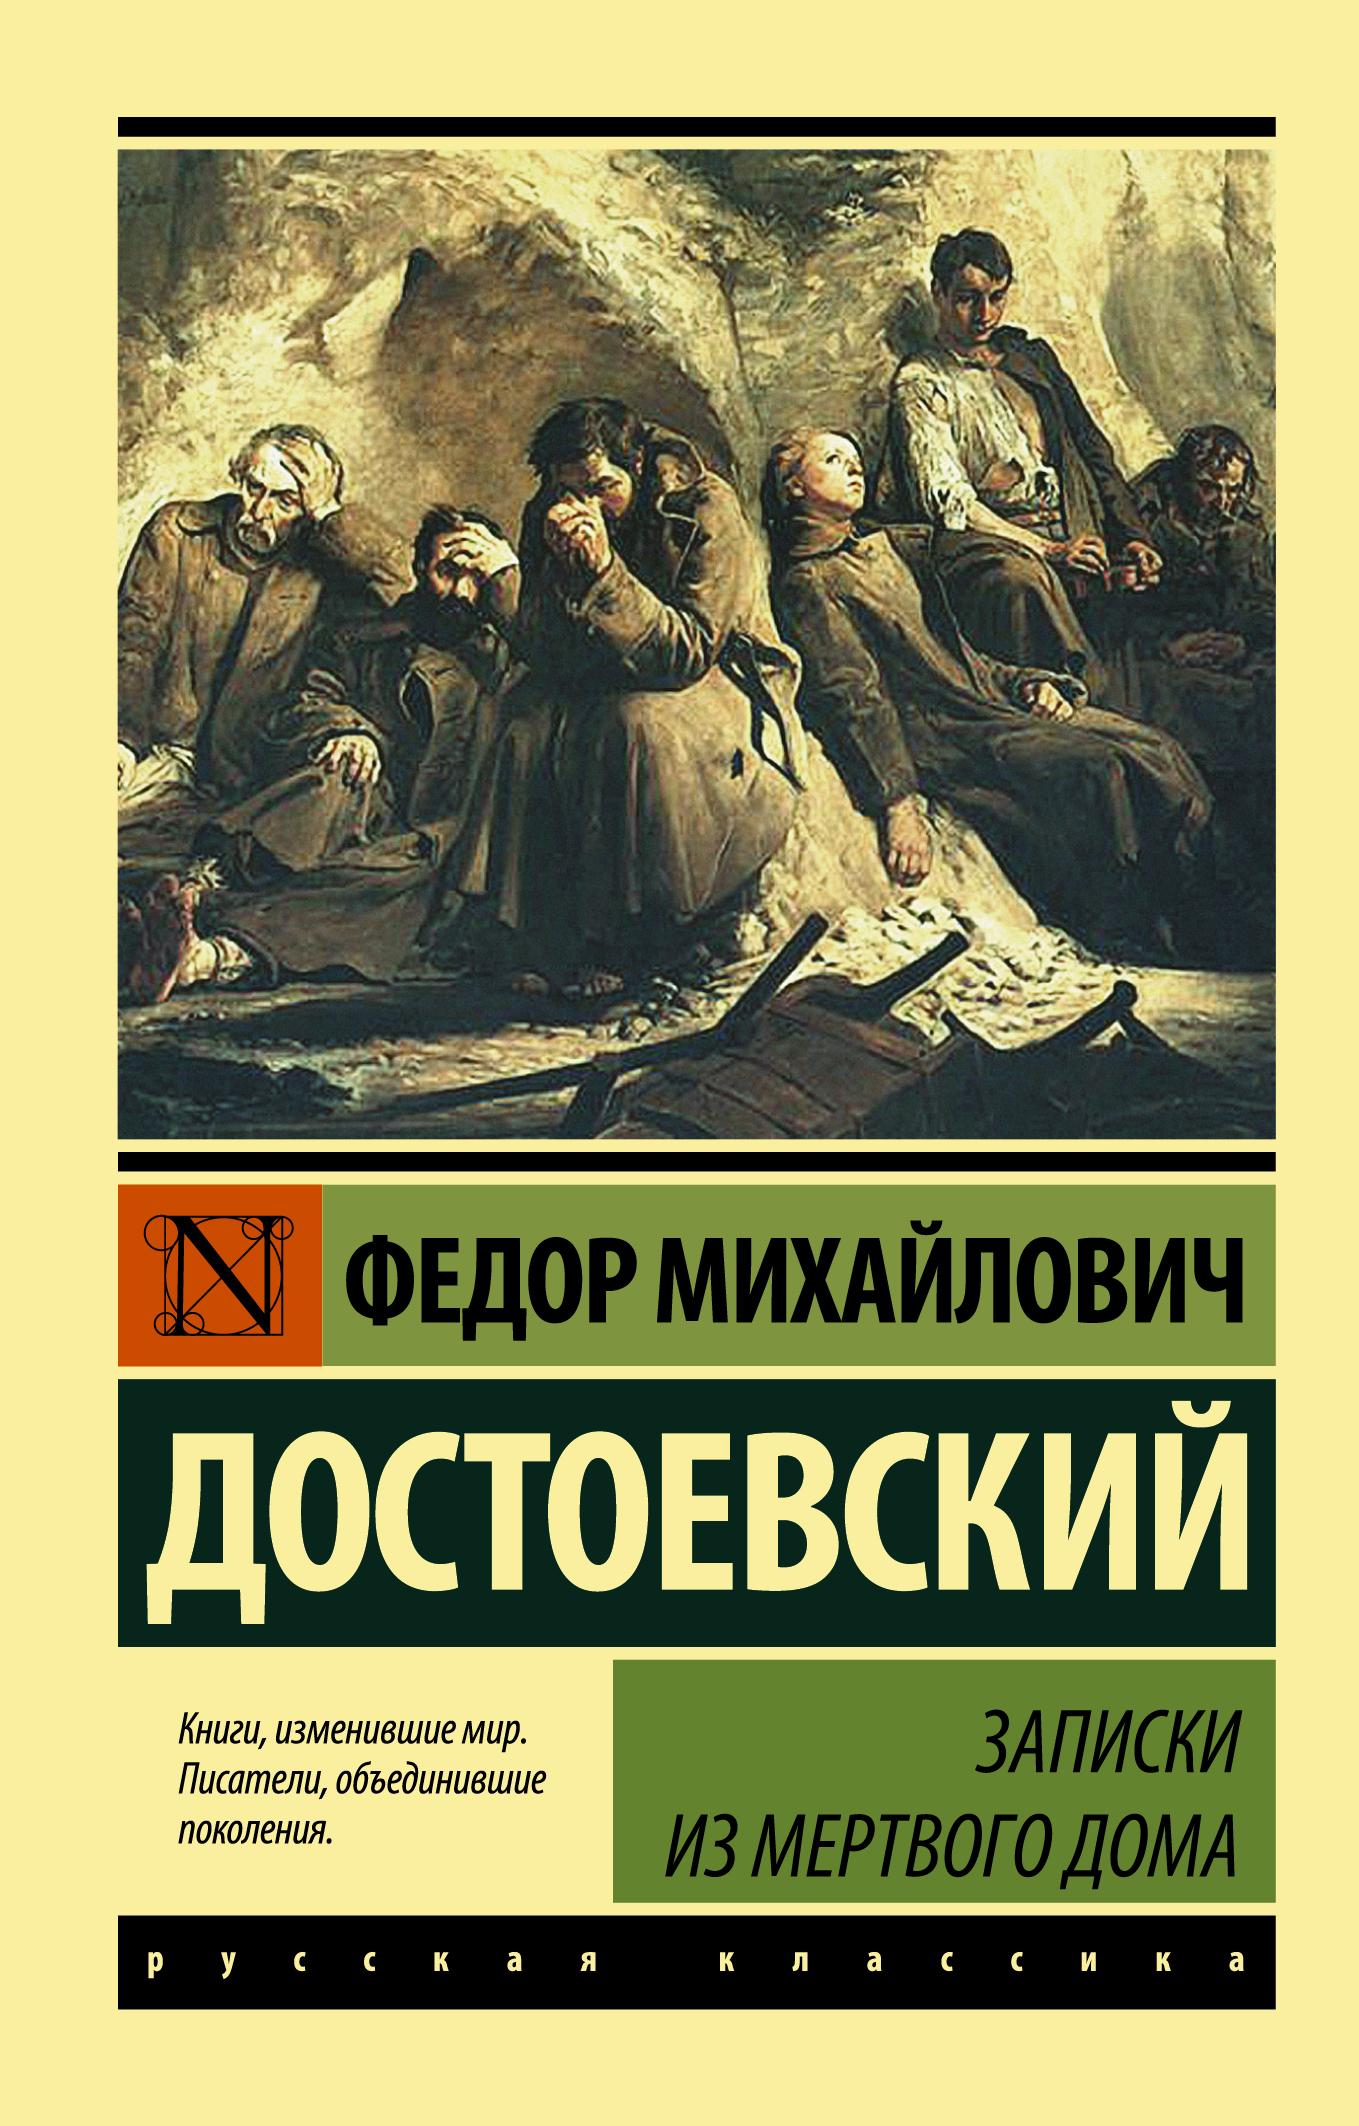 Записки из Мертвого дома ( Достоевский Ф.М.  )